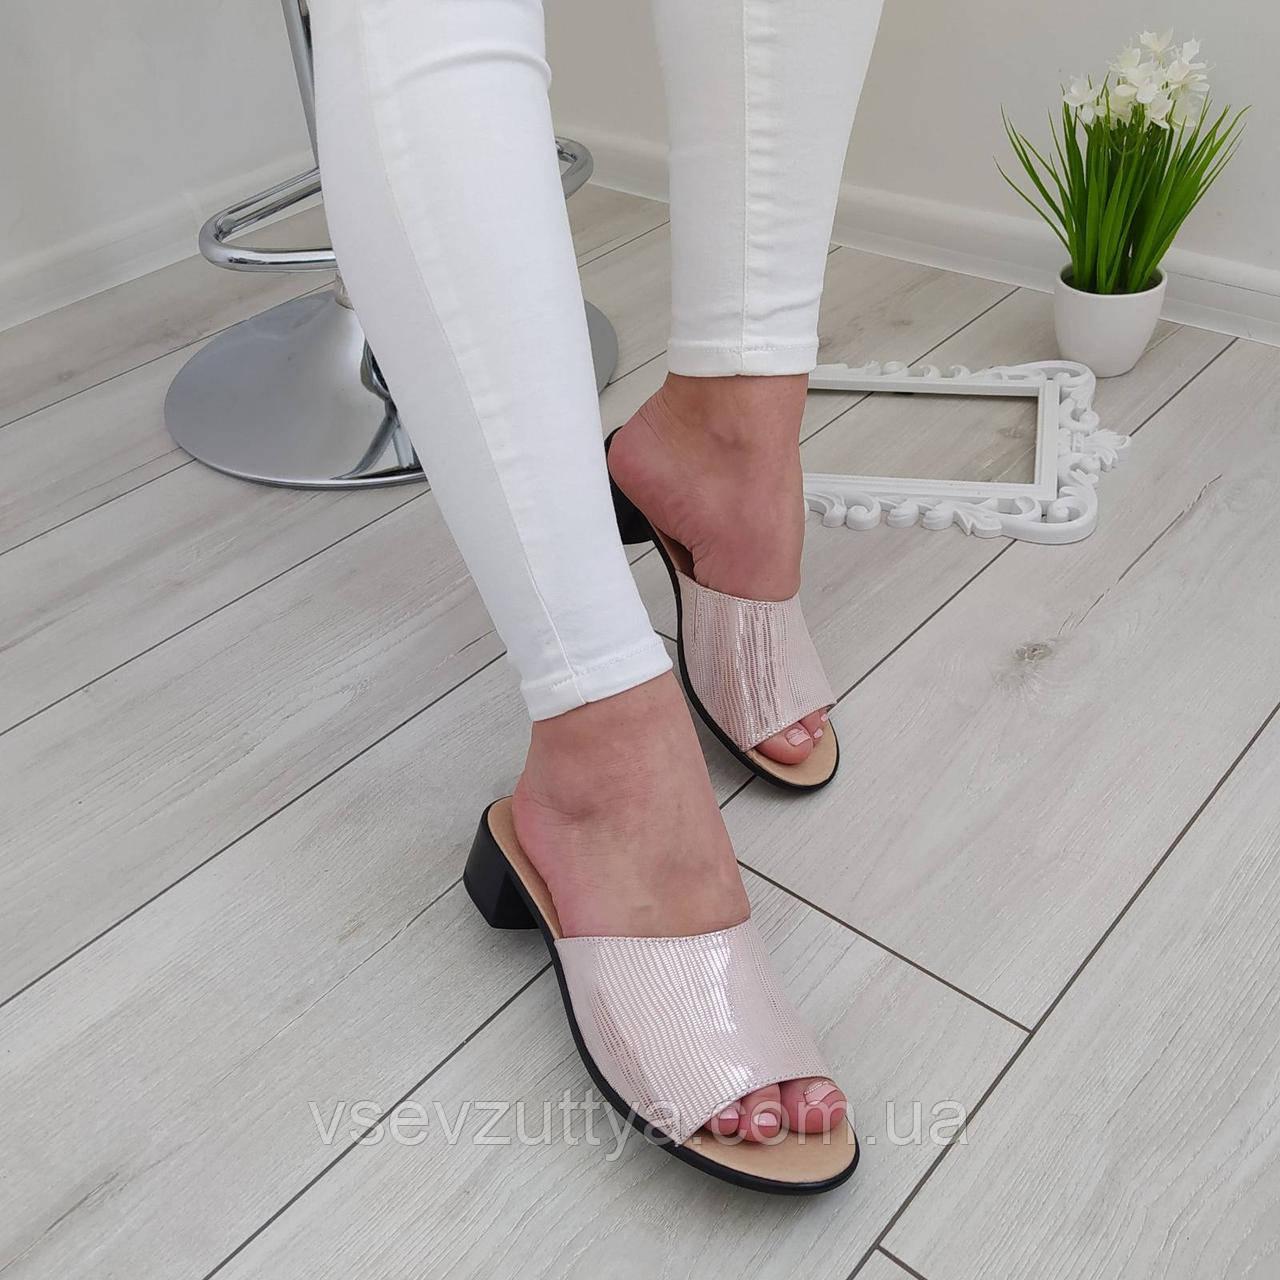 Шльопанці шкіряні жіночі на каблуку пудрові